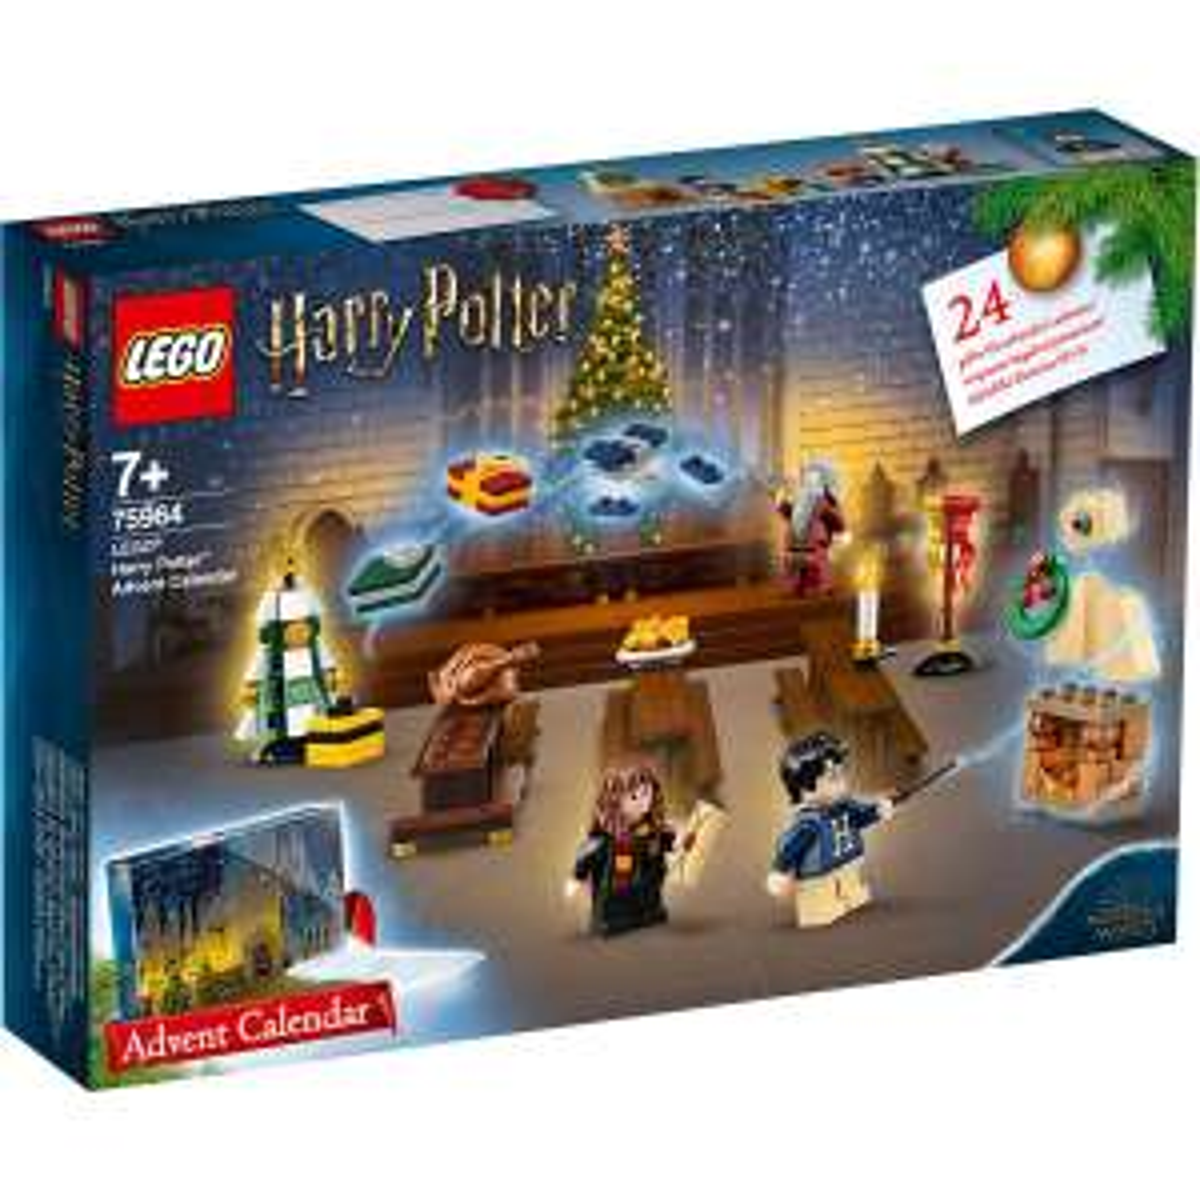 LEGOHarry Potter Adventskalender 75964 bei Filialabholung (Alternativ 2mal für 35,98€ und kostenloser Lieferung)